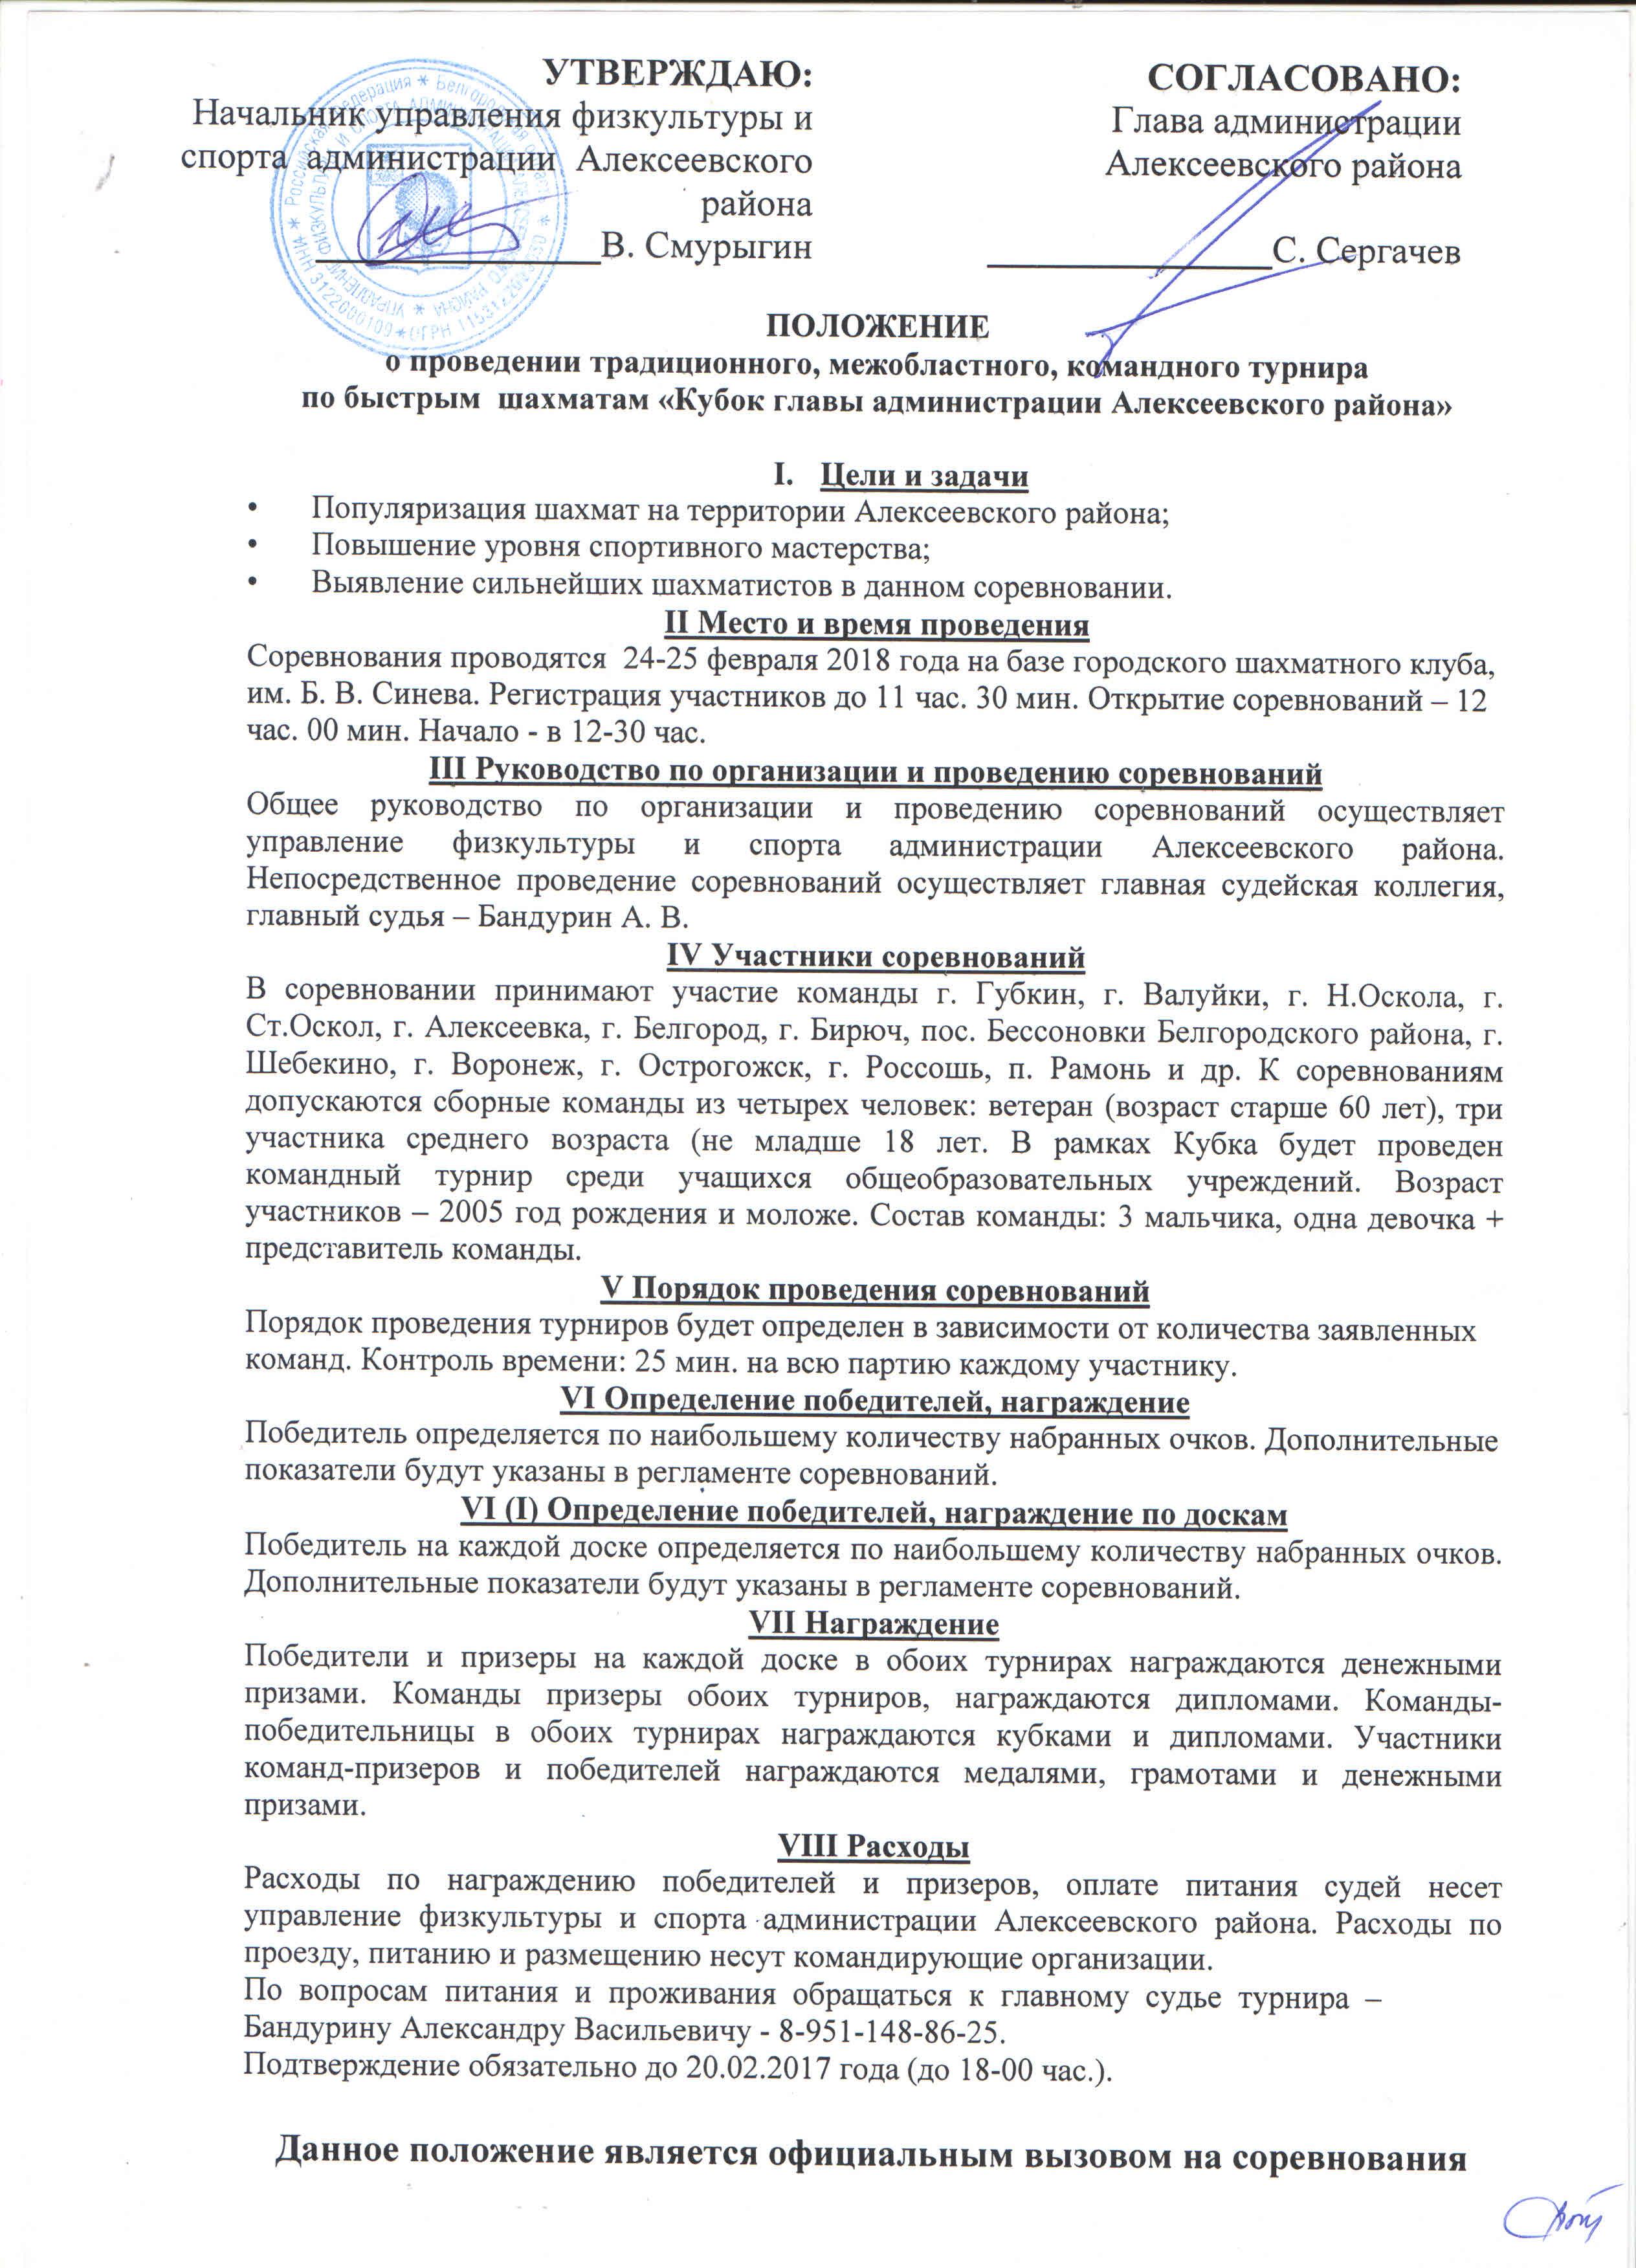 http://s5.uploads.ru/3QyUO.jpg